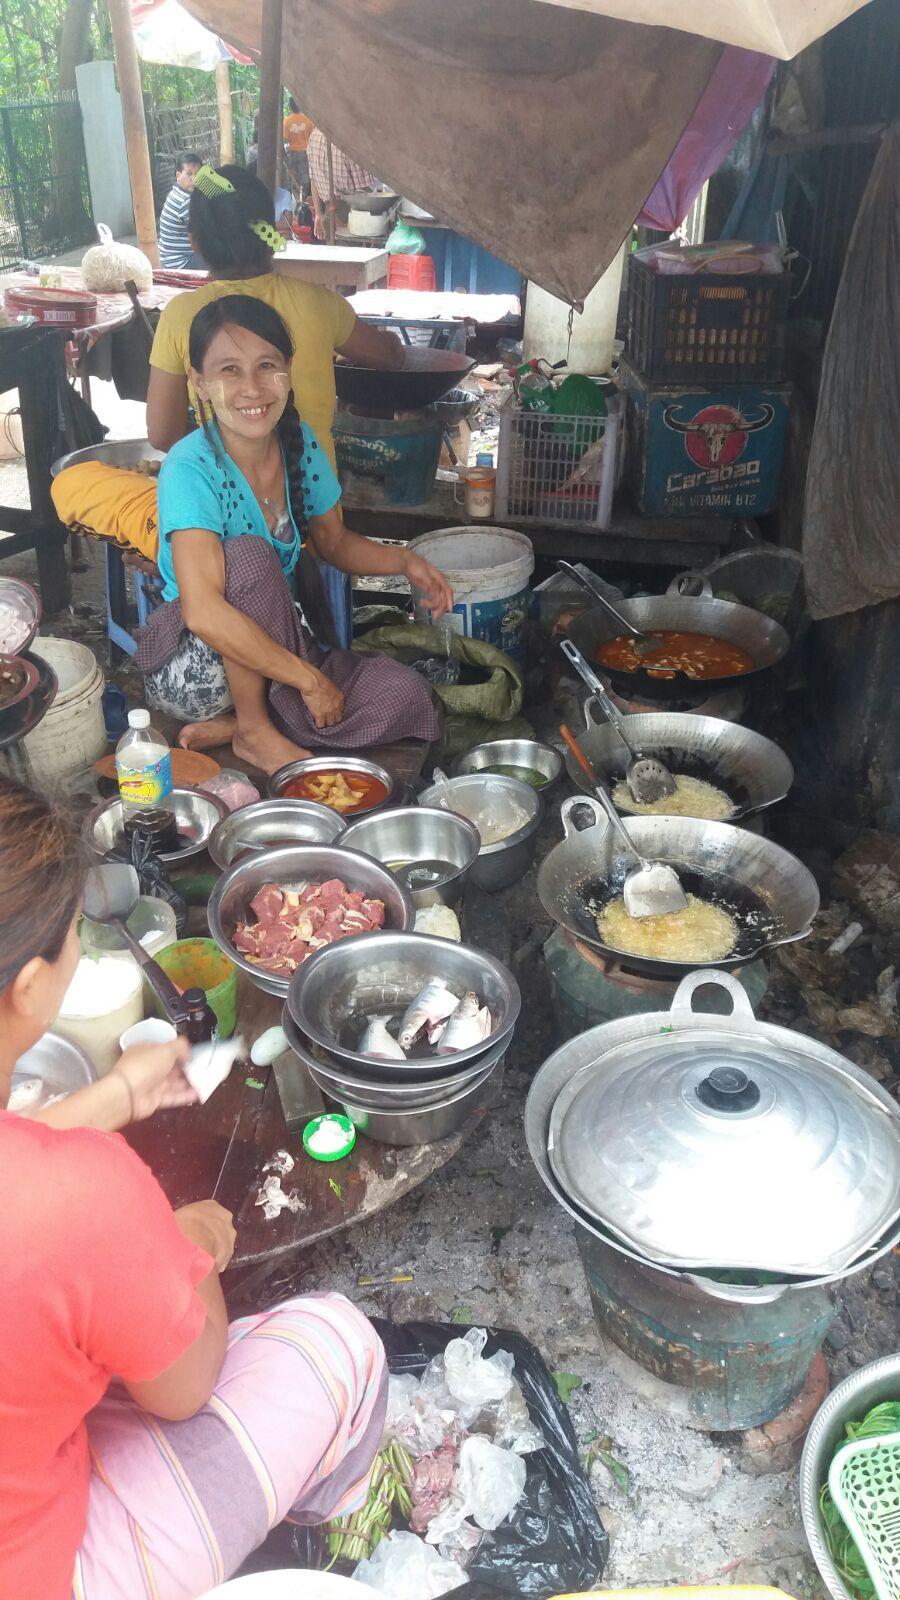 Street food, Myanmar-style.